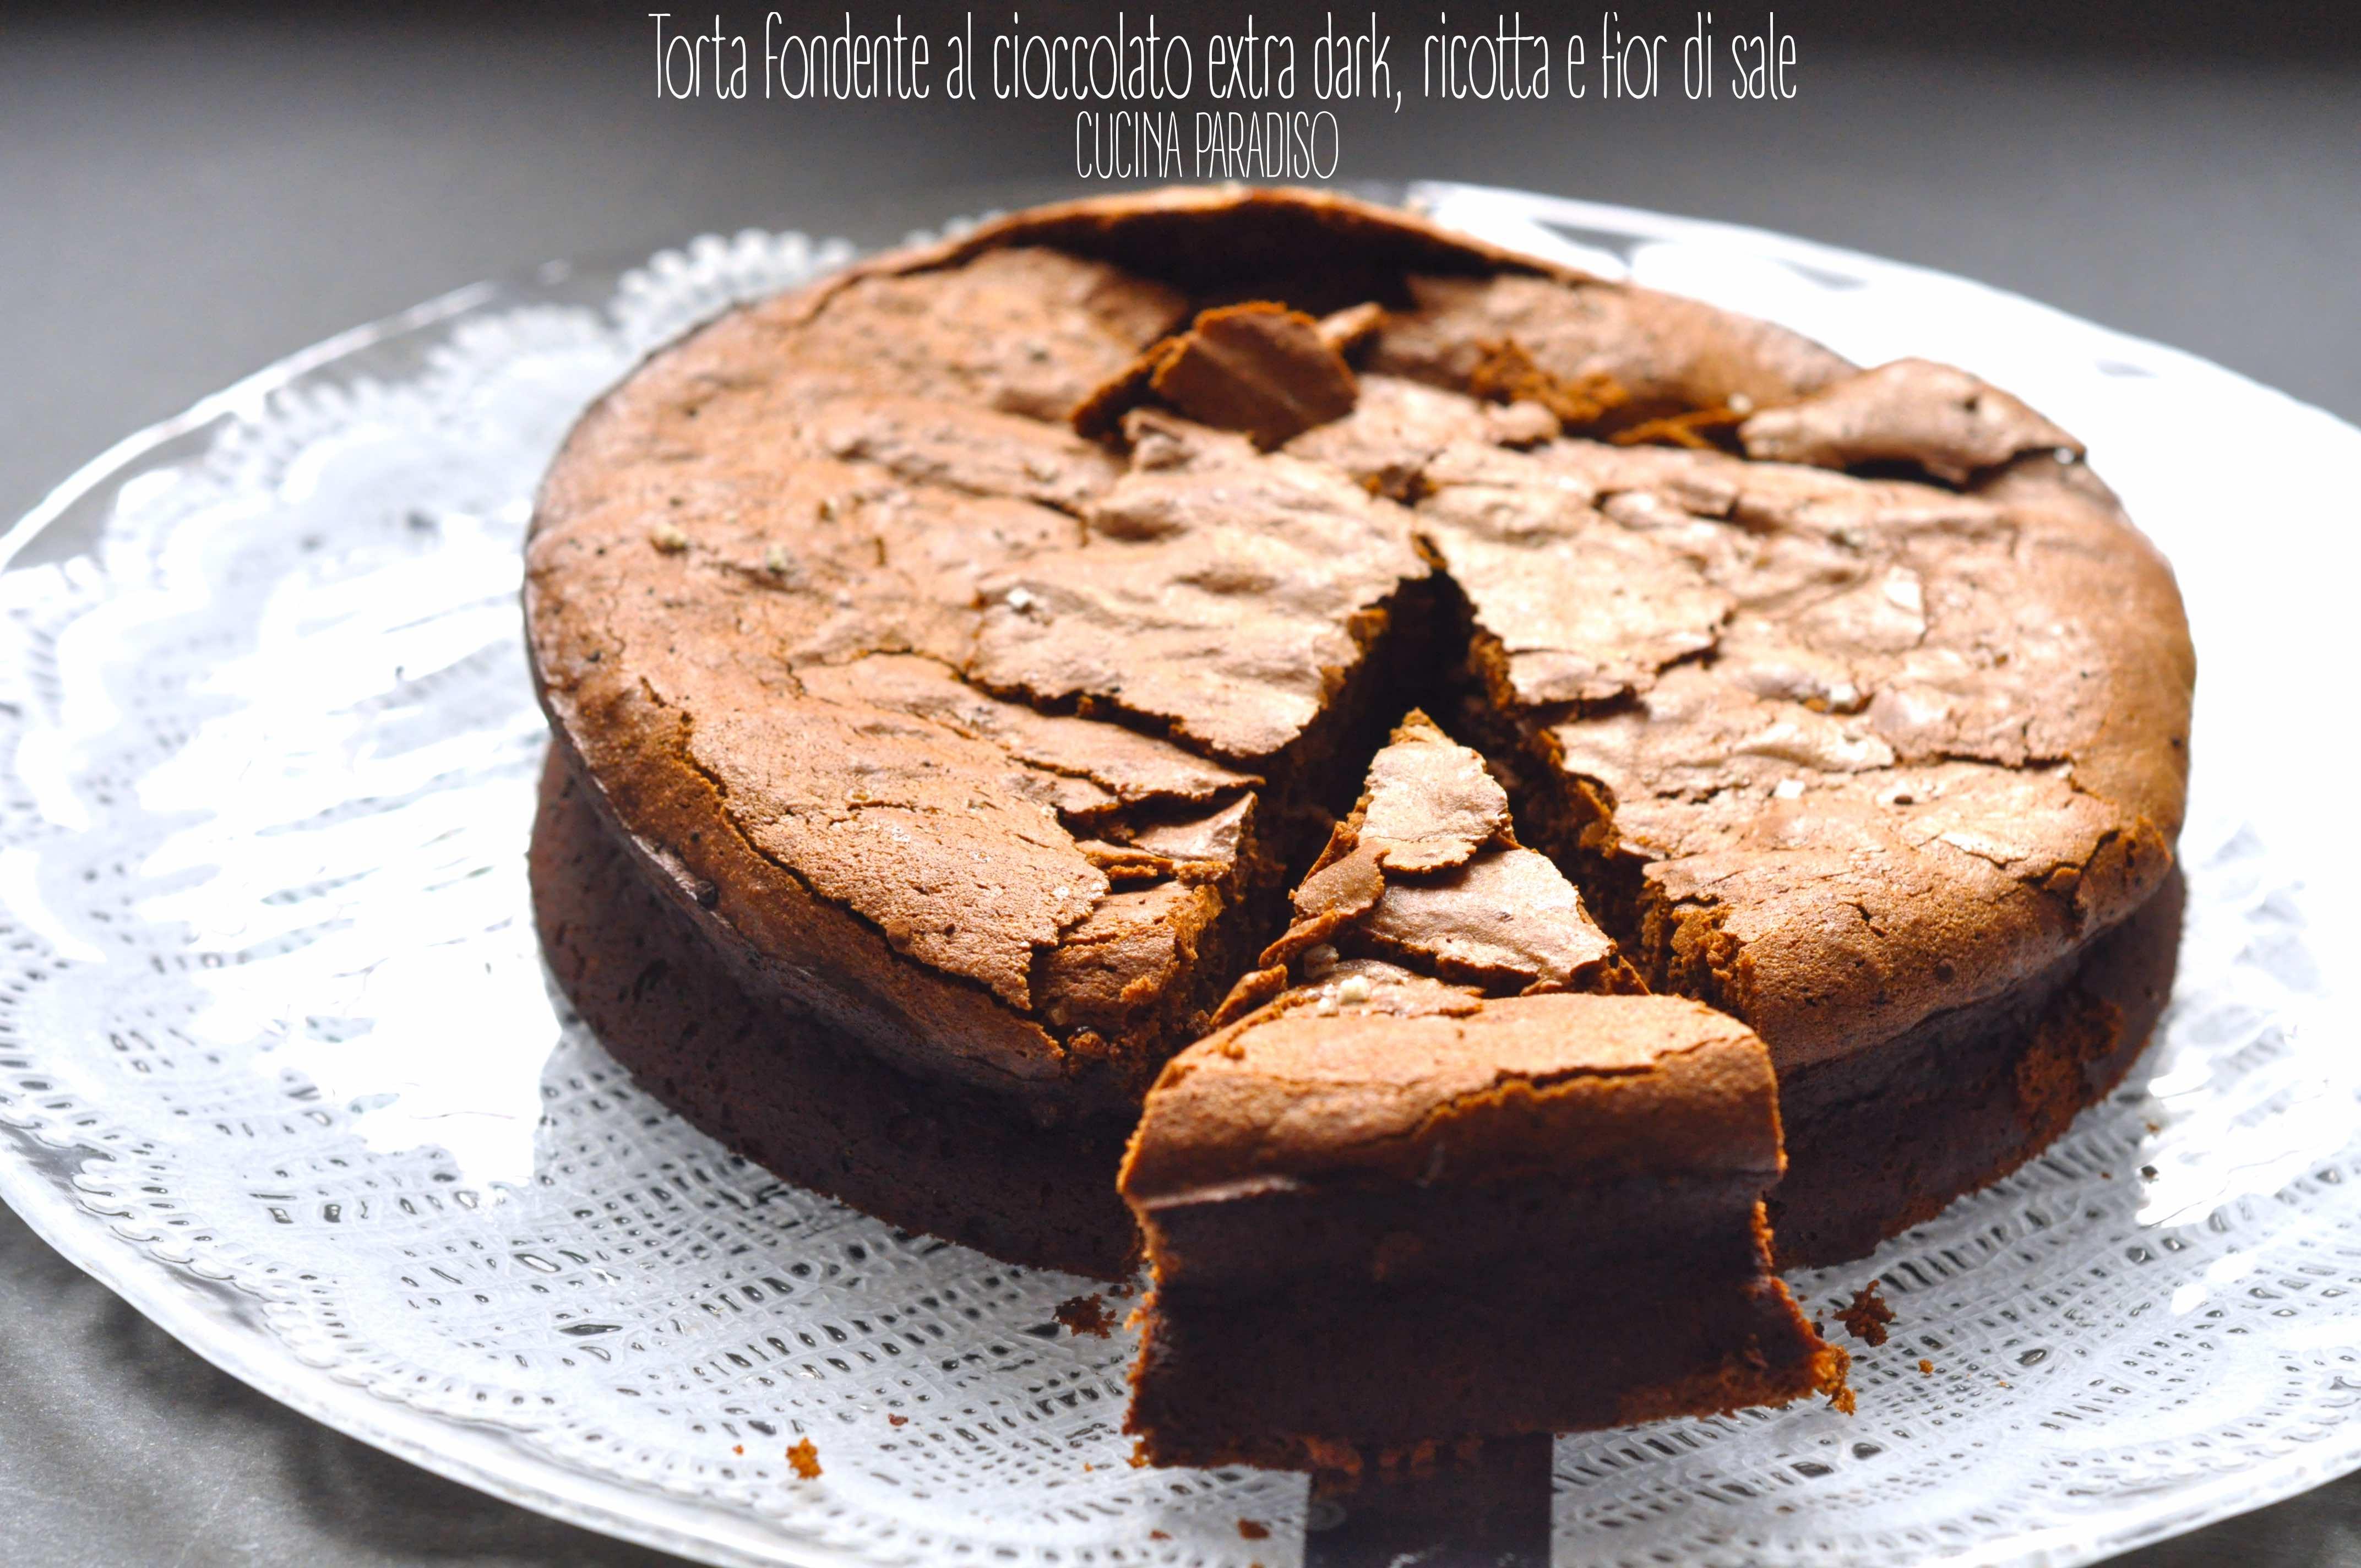 Torta fondente al cioccolato extra dark, ricotta e fior di sale3